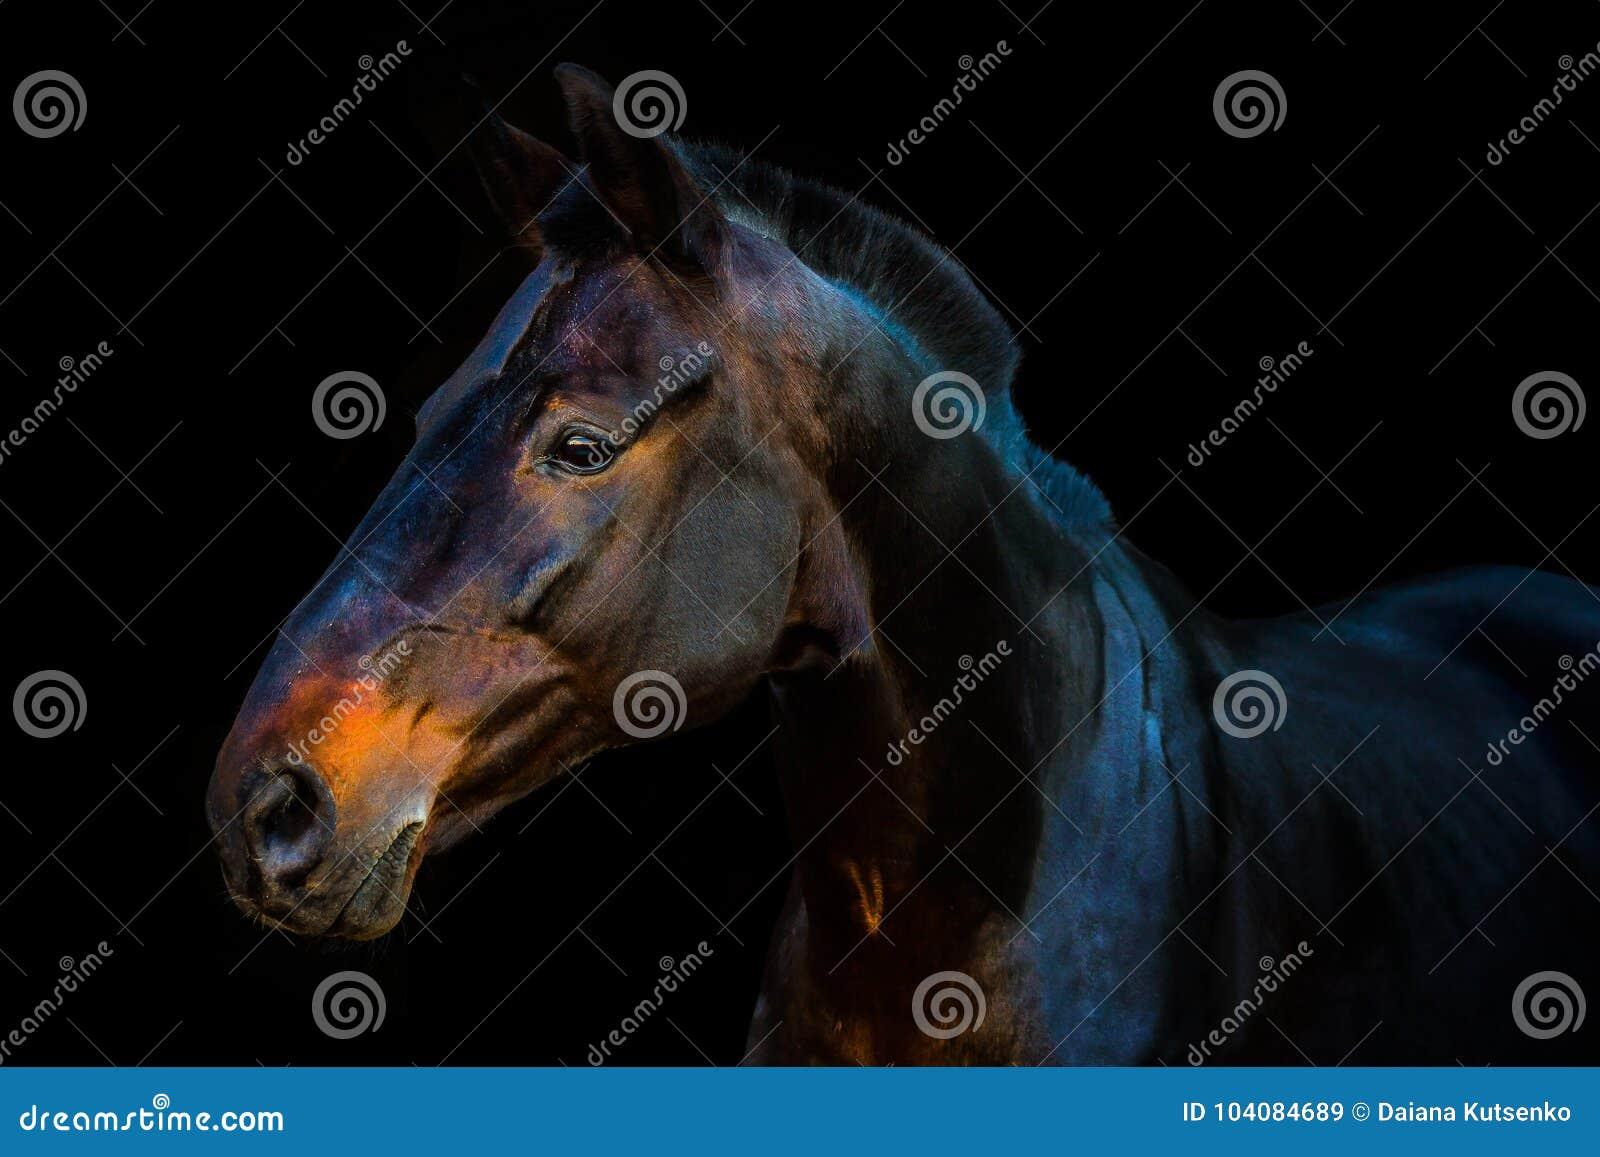 Portretten van paarden